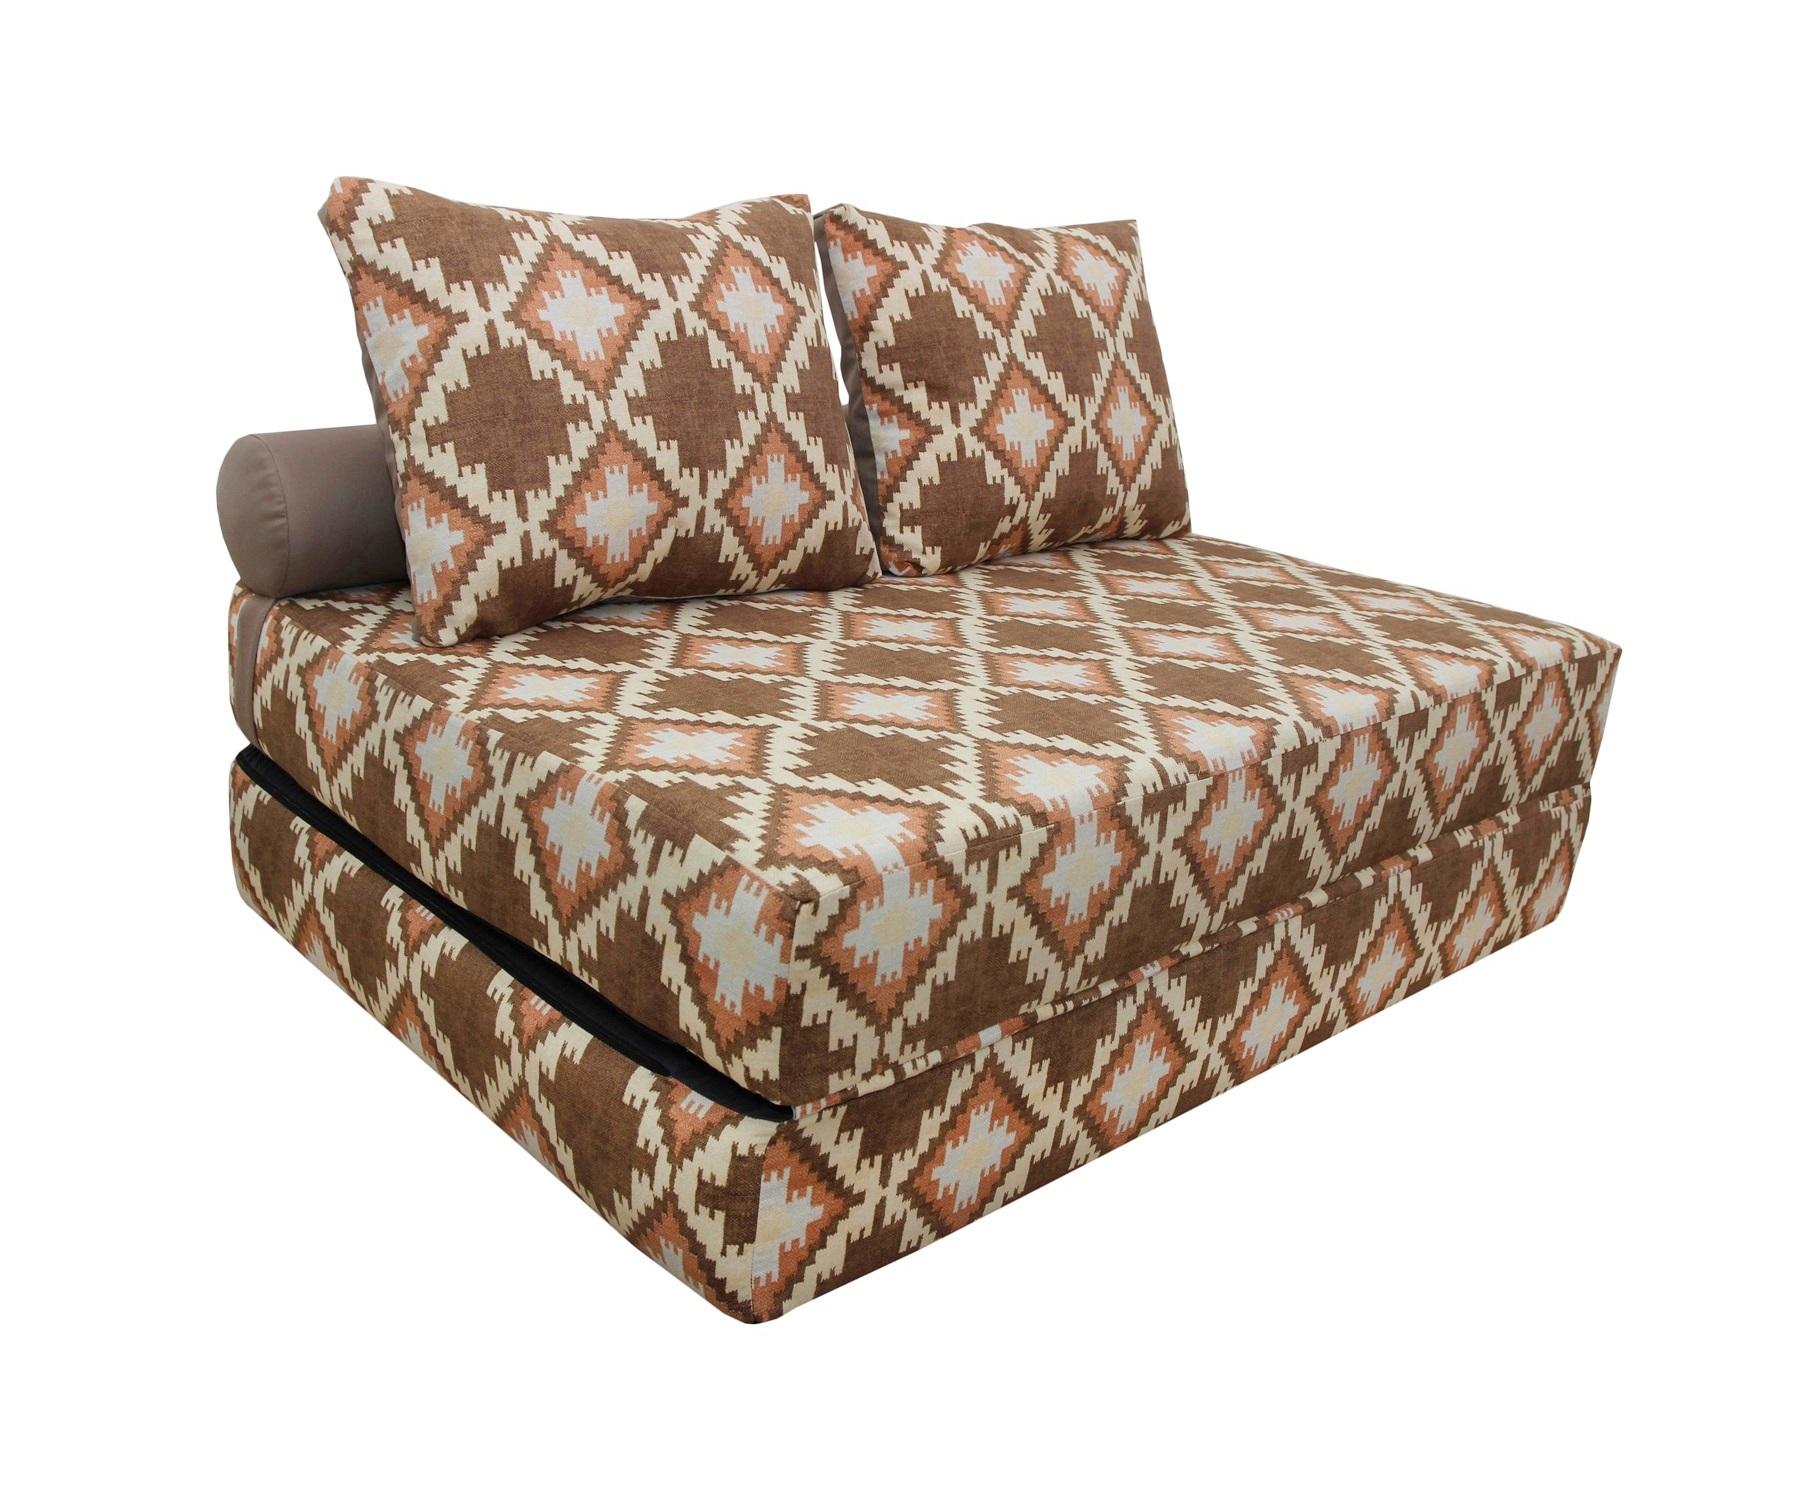 Диван-кроватьПрямые раскладные диваны<br>&amp;lt;div&amp;gt;Если ваша душа всегда требует творчества и вы не сторонник скучных дизайнерских решений - присмотритесь к этому дивану-кровати. Он представляет собой матрас, складывающийся пополам. Съемный чехол позволит менять расцветку вашей кровати так часто, как вы сами того пожелаете, ведь в этой линейке очень много вариантов необычных и ярких орнаментов. Жесткость матраса оптимальна для полноценного сна, а компактность этого дивана позволит ему поместиться даже в небольшом помещении.&amp;lt;/div&amp;gt;&amp;lt;div&amp;gt;&amp;lt;br&amp;gt;&amp;lt;/div&amp;gt;&amp;lt;div&amp;gt;В разобранном виде 140х20х200, валик d20х140, 2 подушки 50х70 см.&amp;lt;/div&amp;gt;<br><br>Material: Текстиль<br>Length см: None<br>Width см: 140<br>Depth см: 100<br>Height см: 40